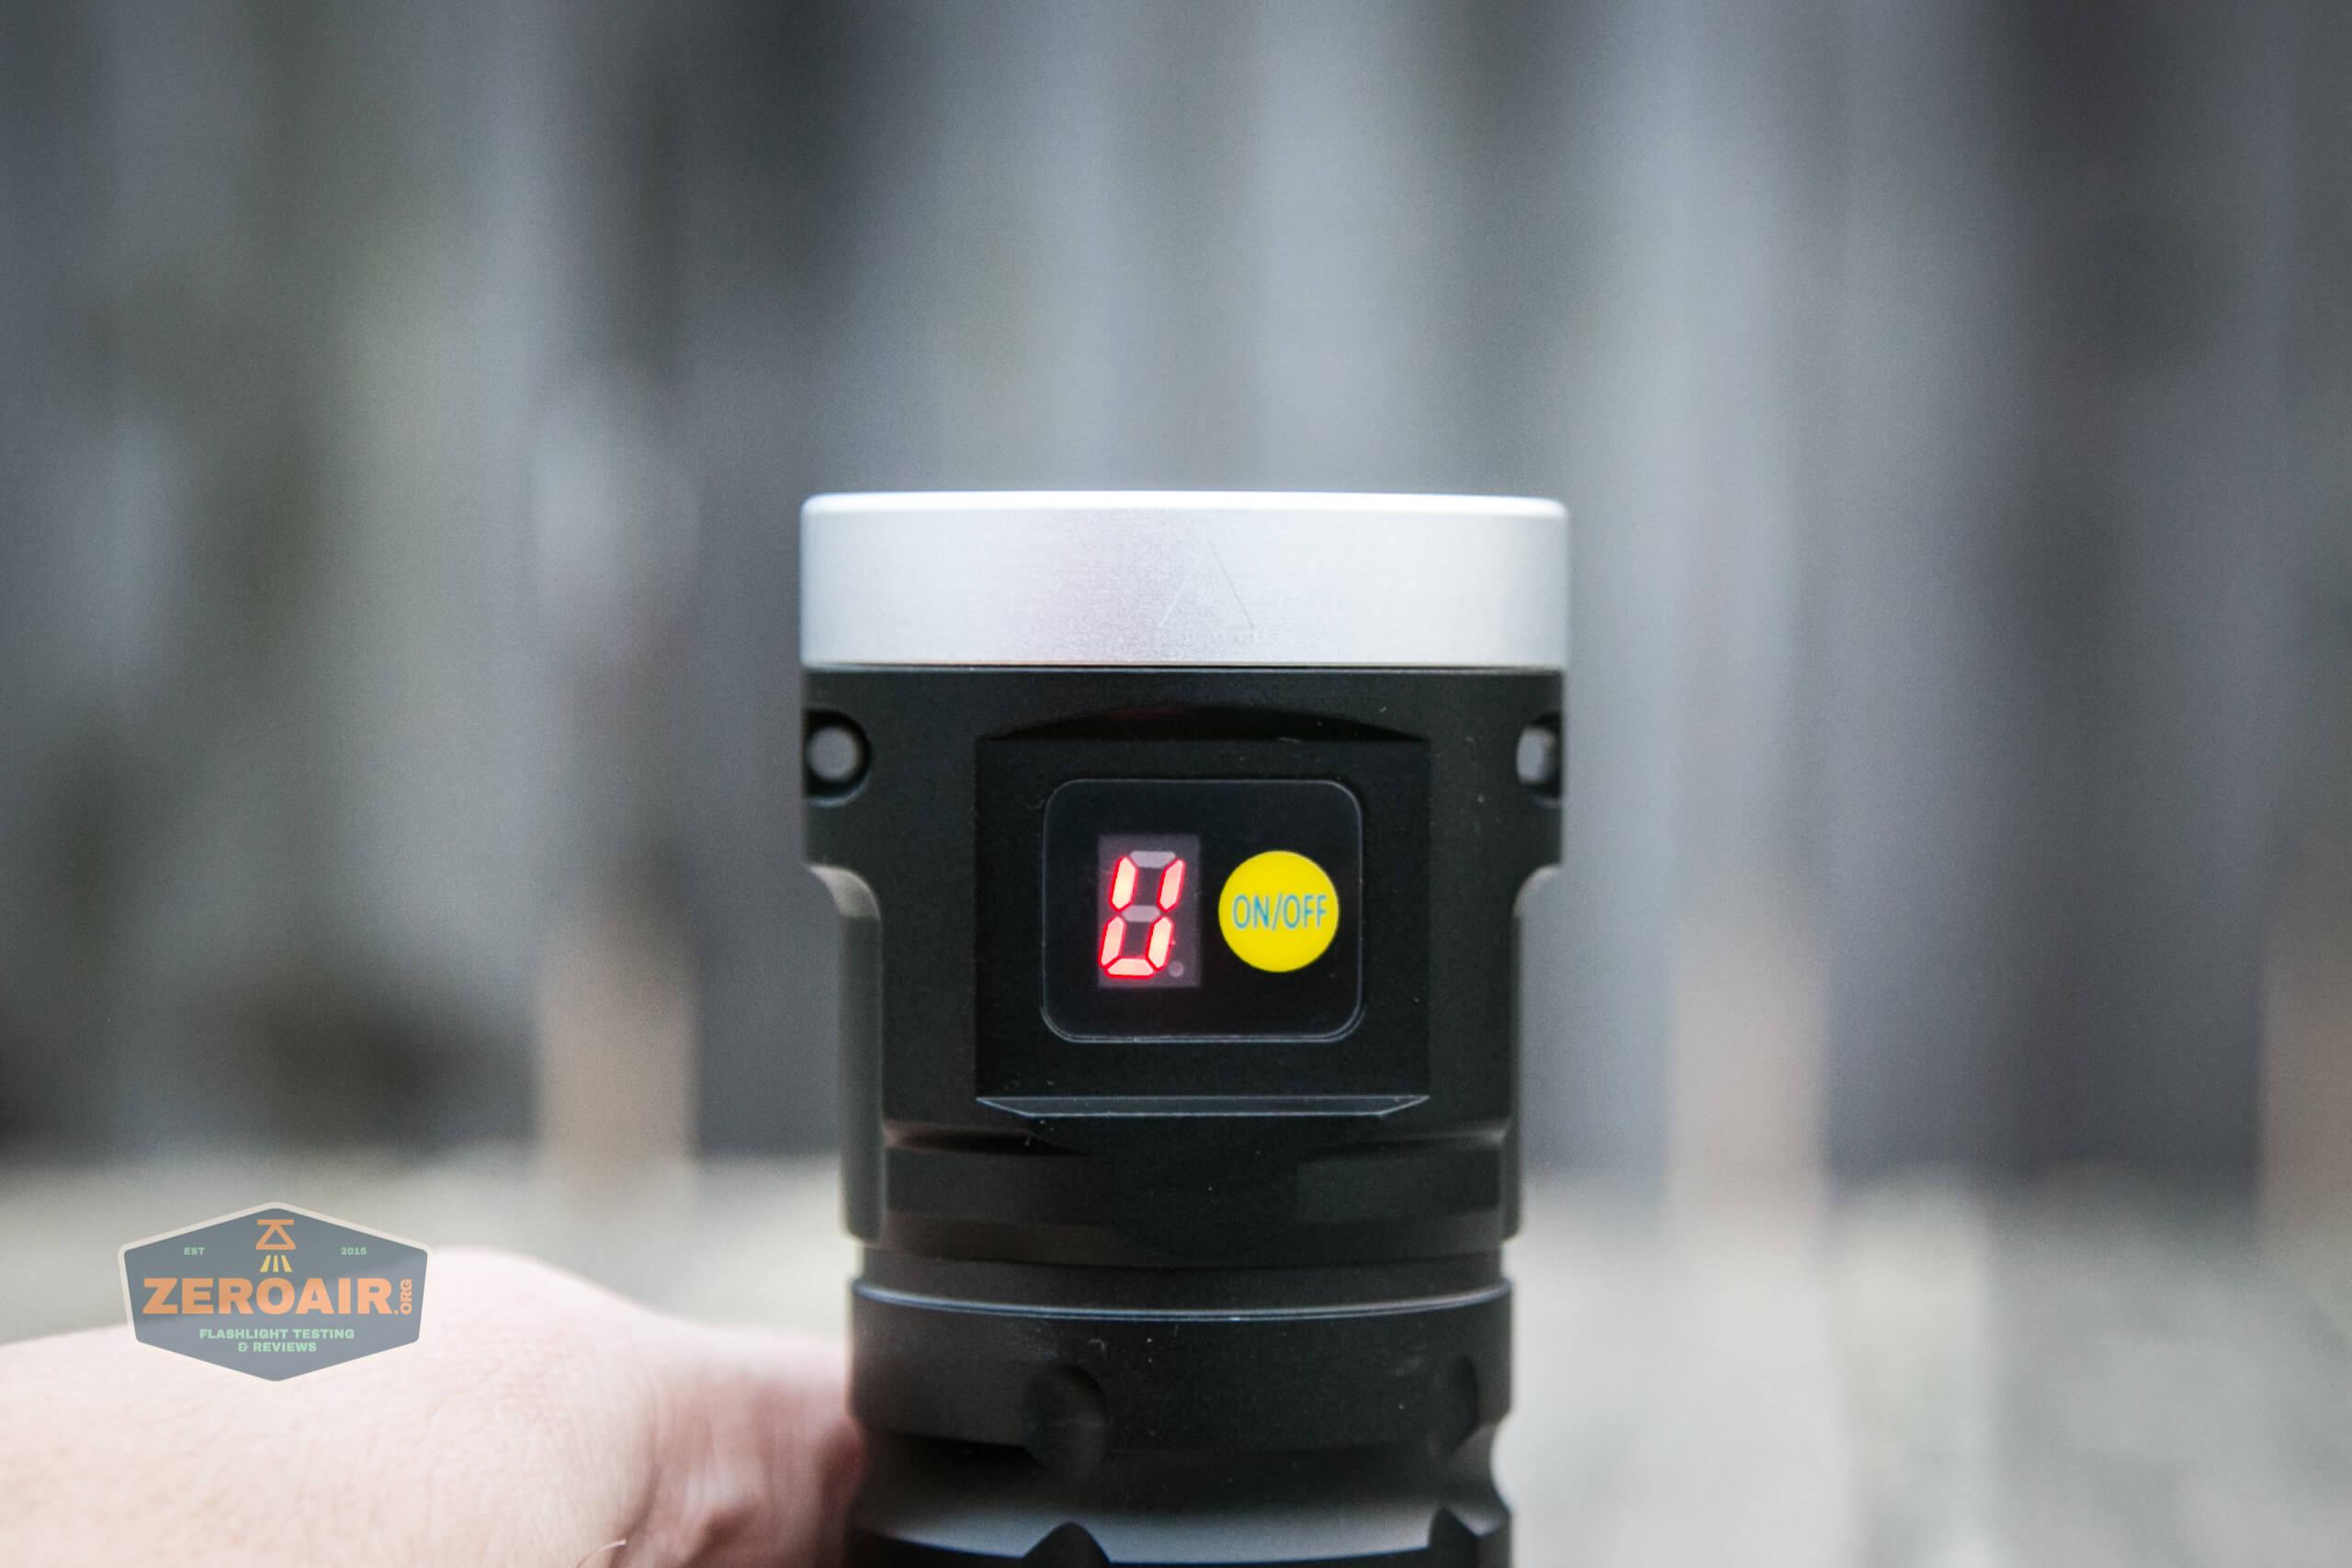 nitebeam x12uv flashlight displaying U for UV